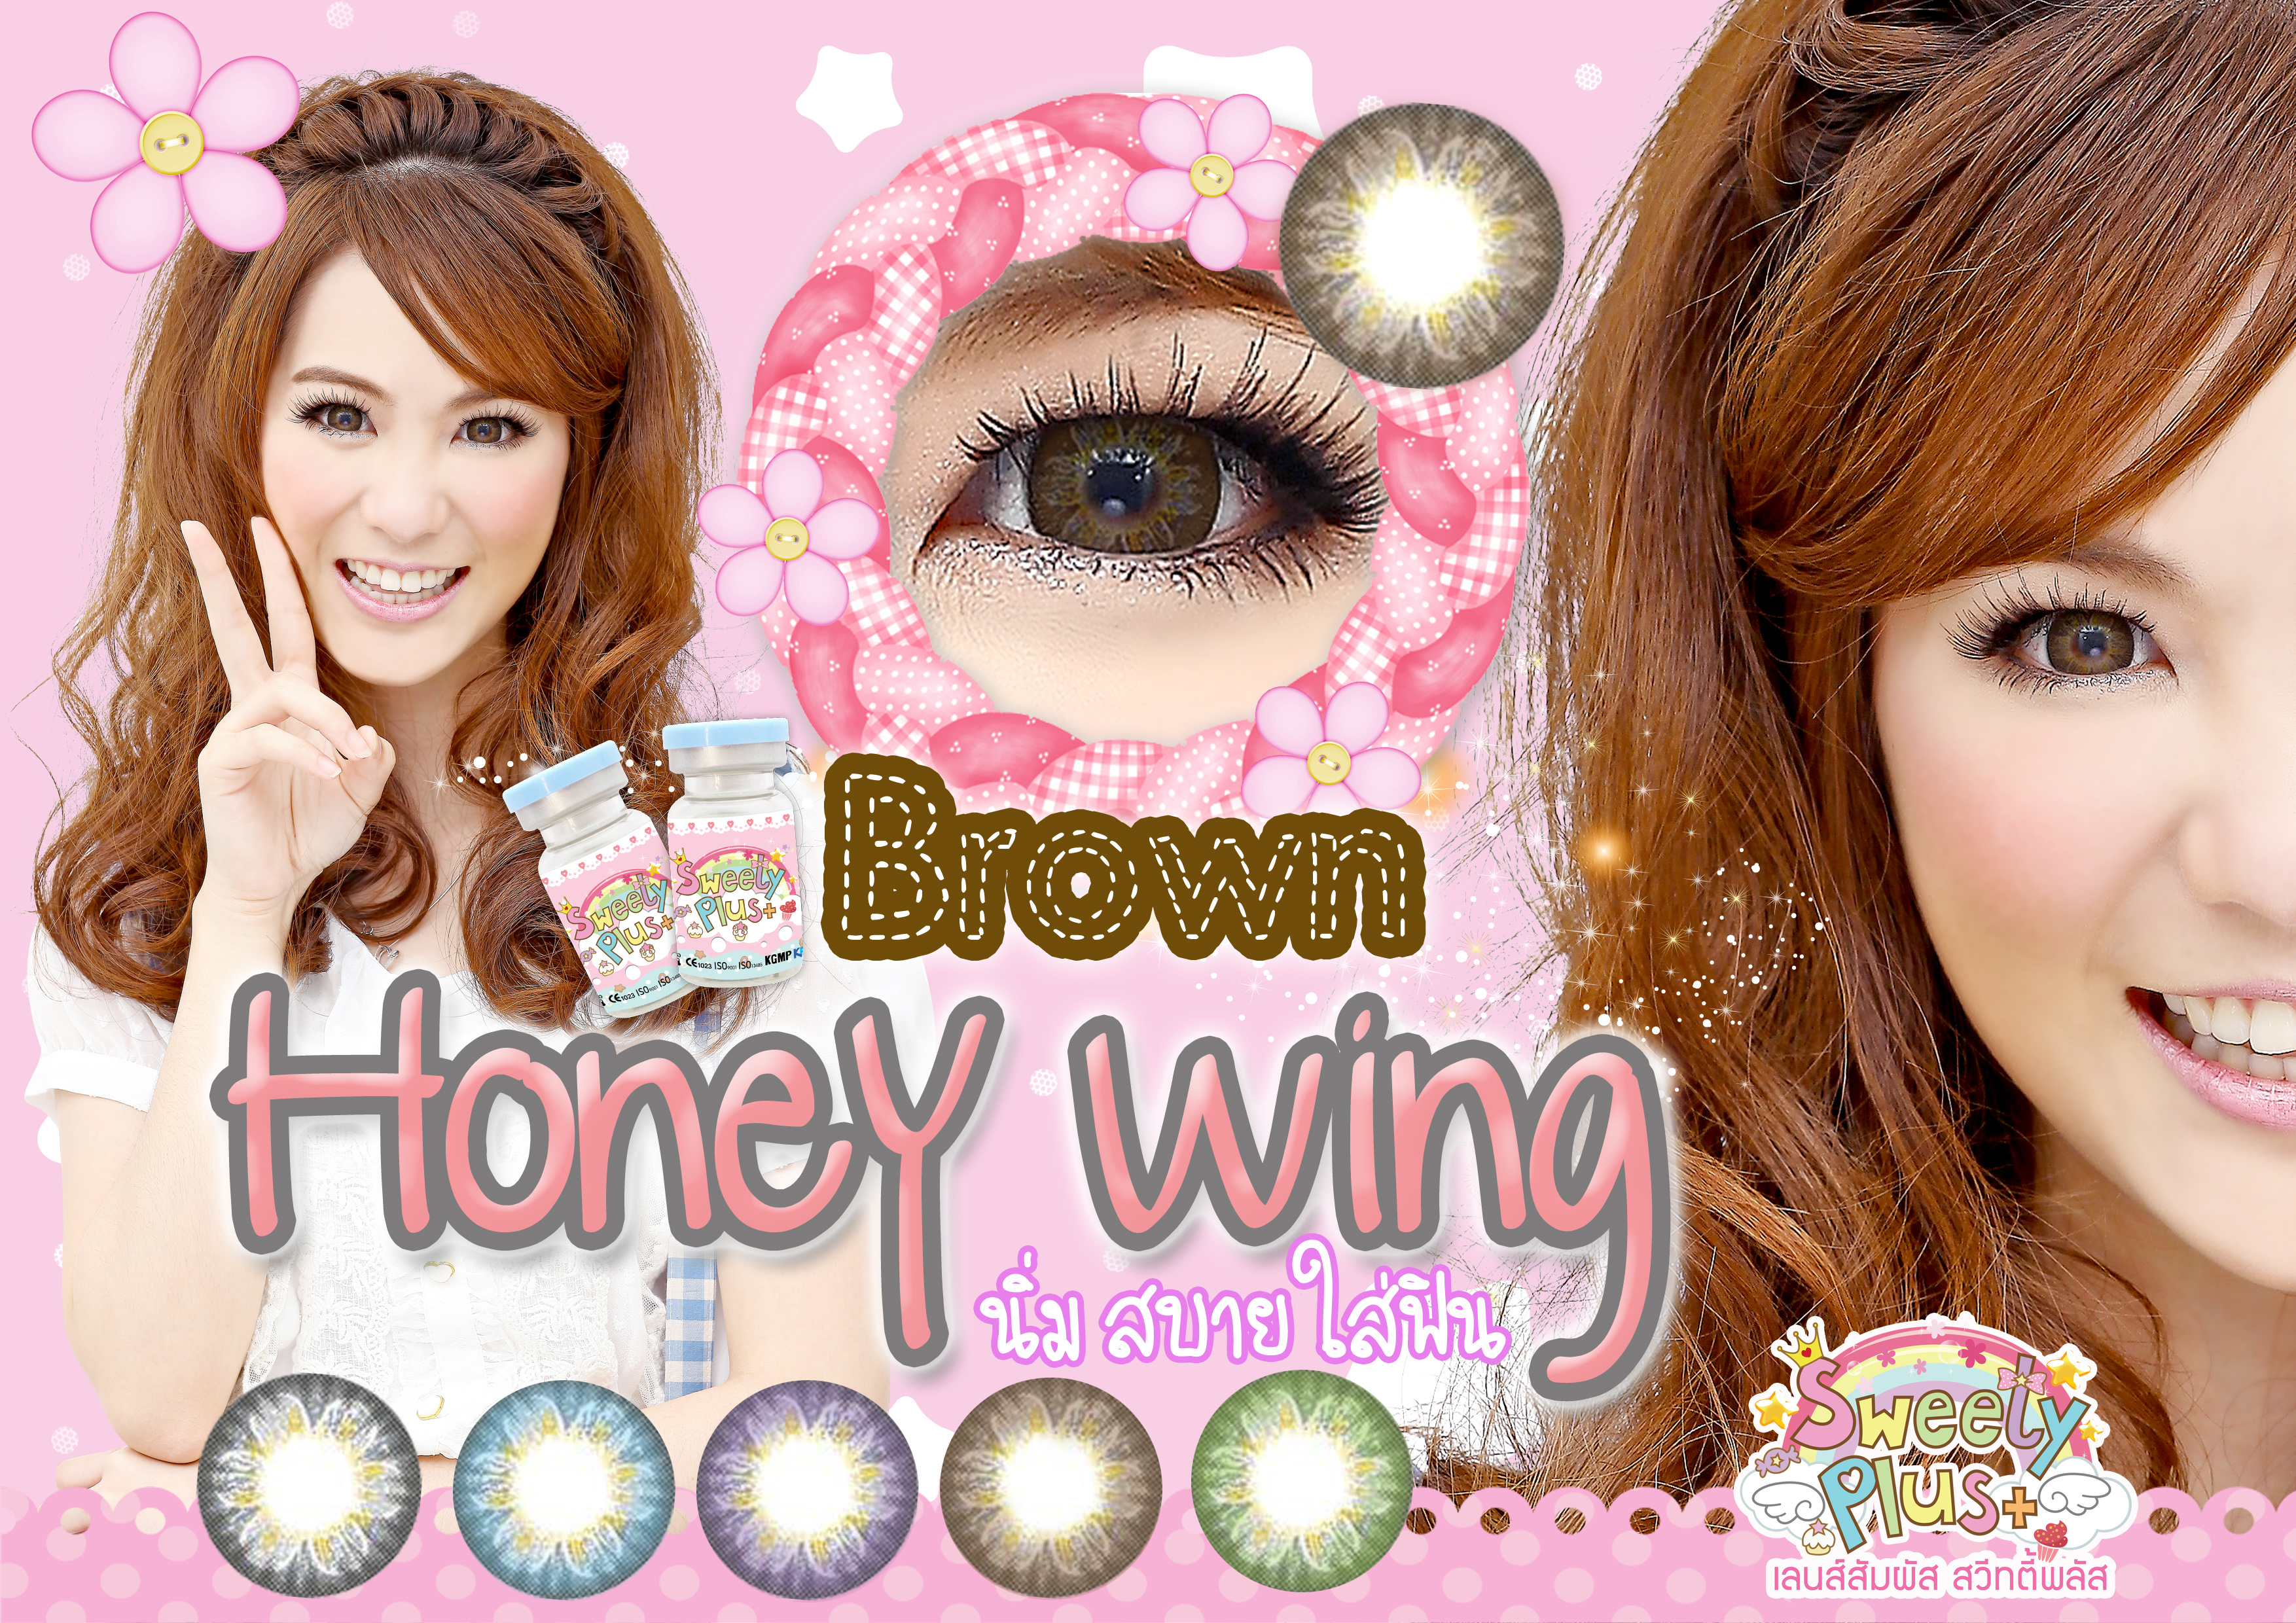 Honey Wing-Brown